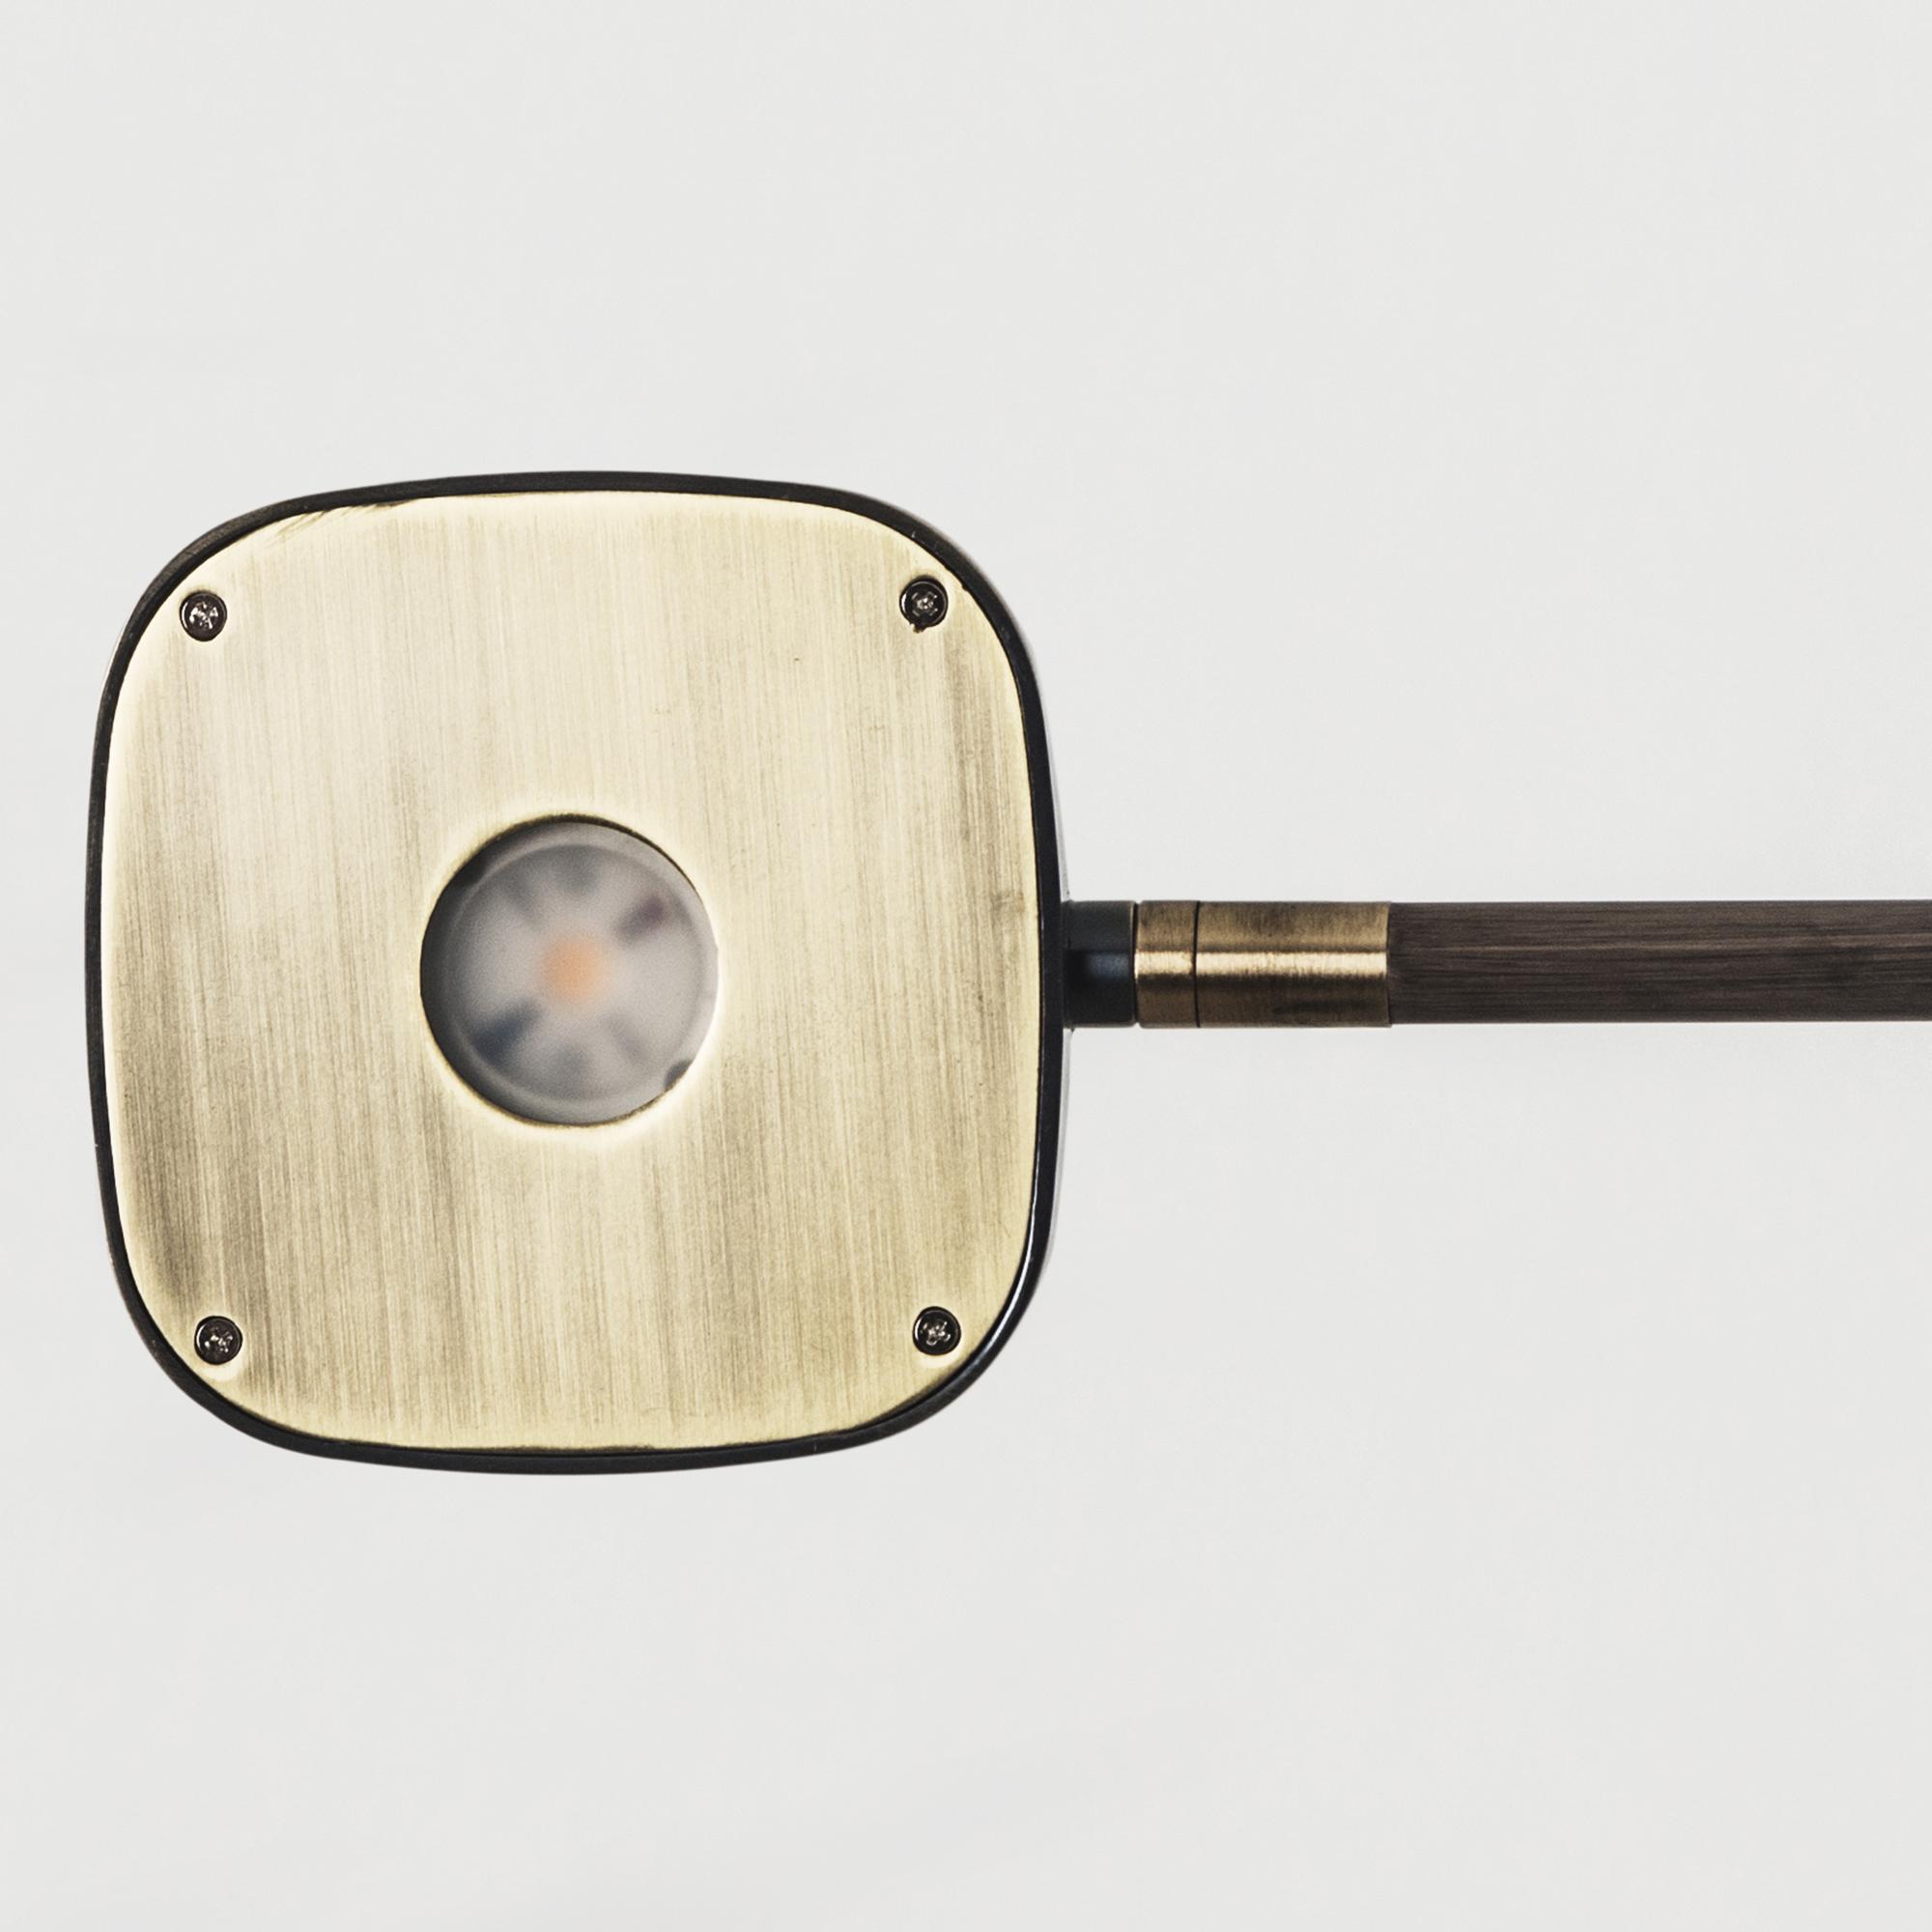 patina braun auf alt getrimmte wandlampe mit schalter. Black Bedroom Furniture Sets. Home Design Ideas